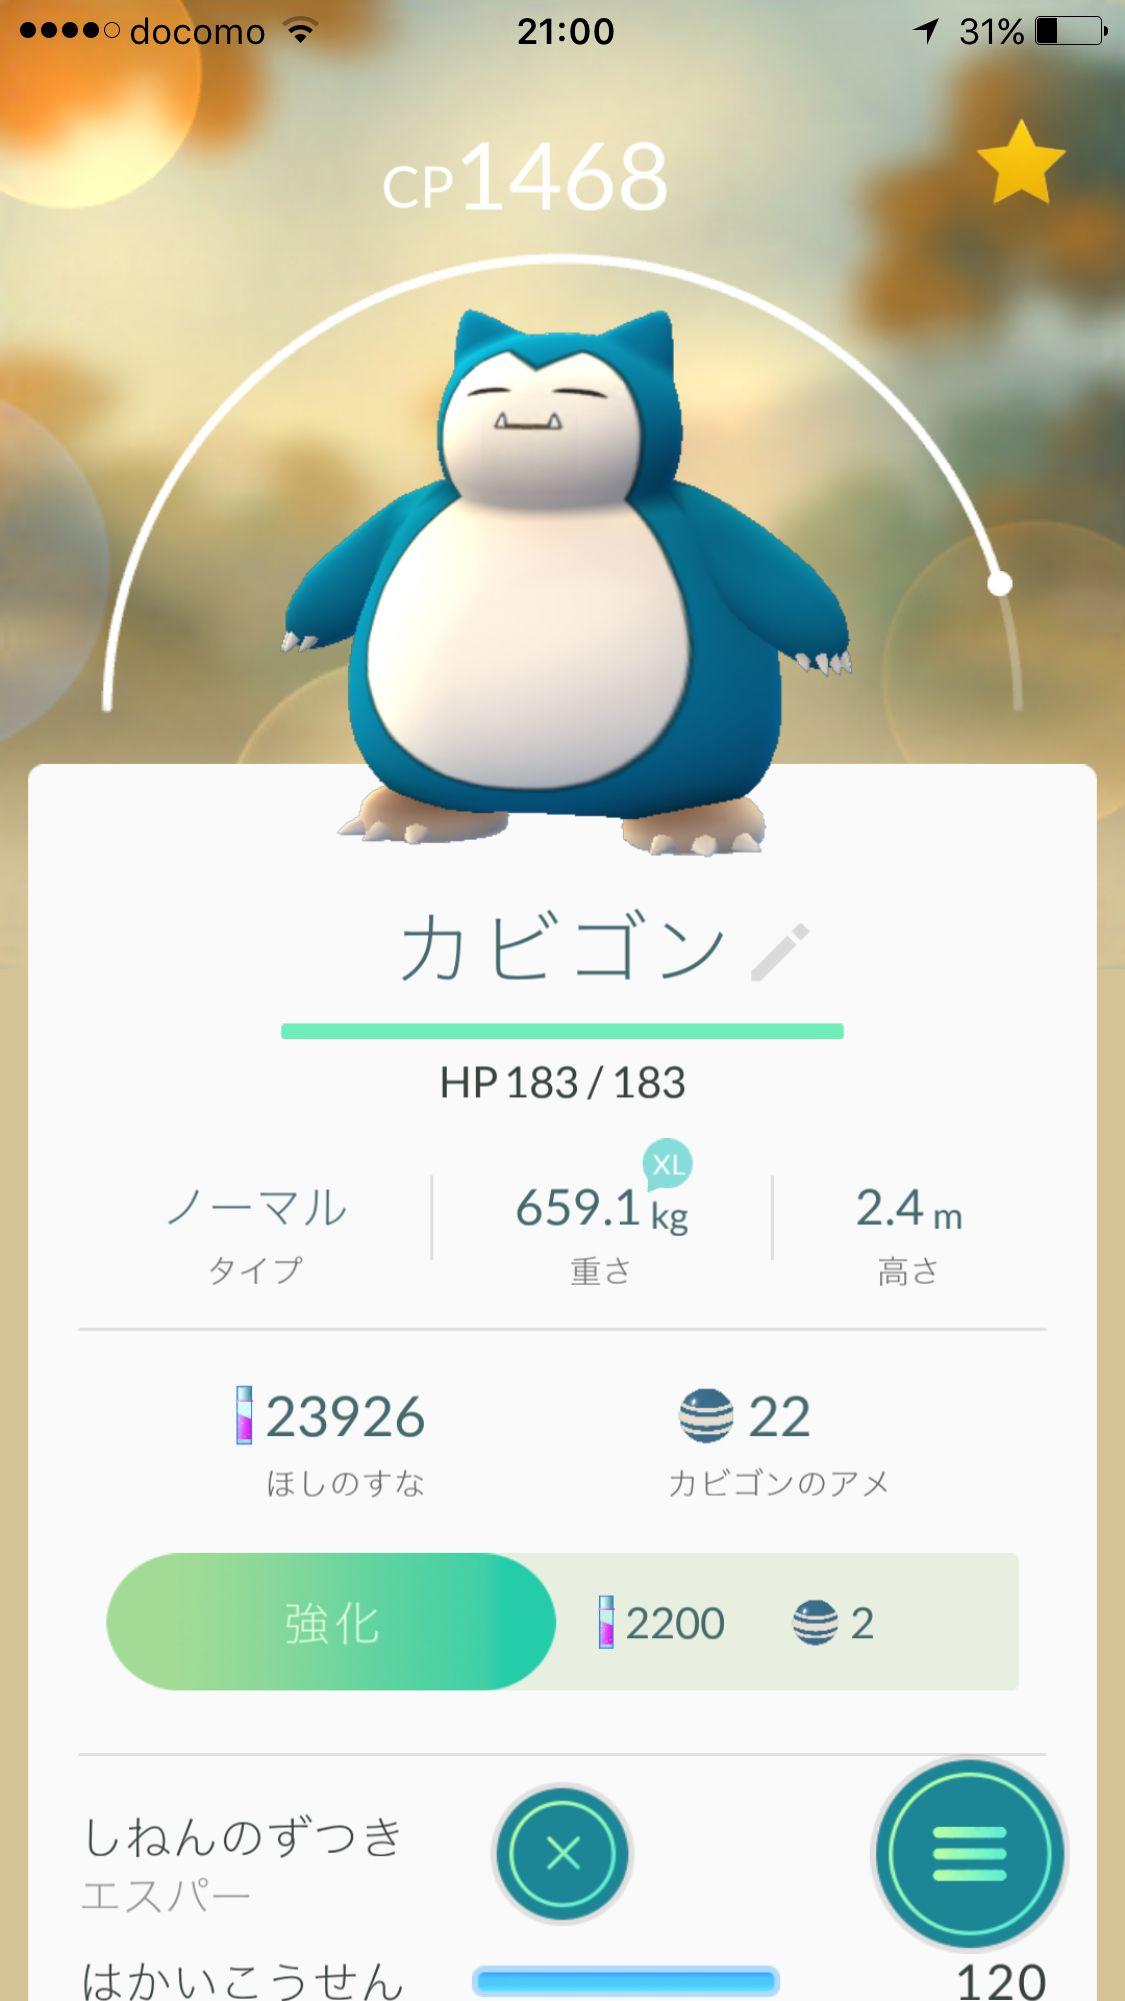 ポケモン go twitter 速報